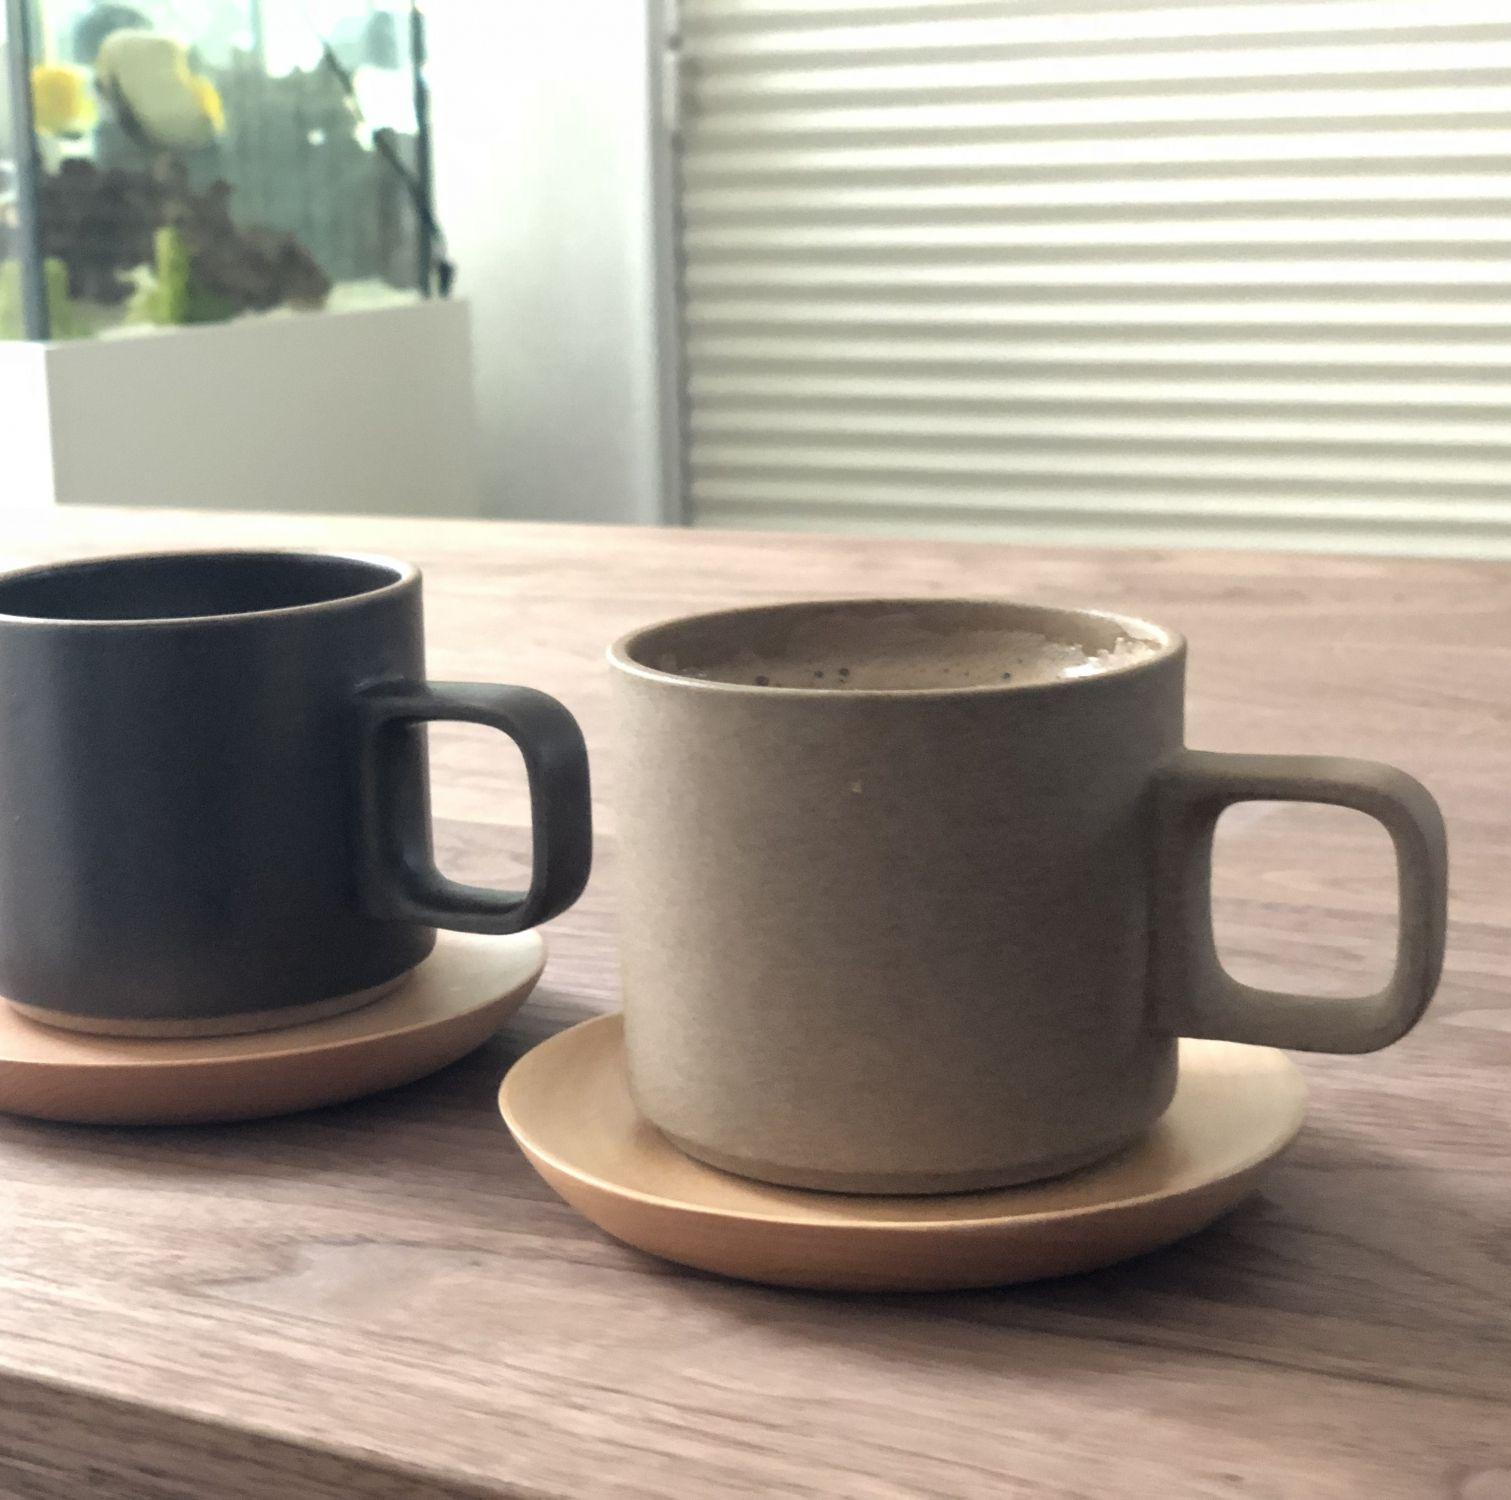 憧れのハサミポーセリンのカップ シンプルなライン 素材感 全てにおいてパーフェクト 惚れ惚れします オリジナル写真 ハサミポーセリン 食器 マグカップ